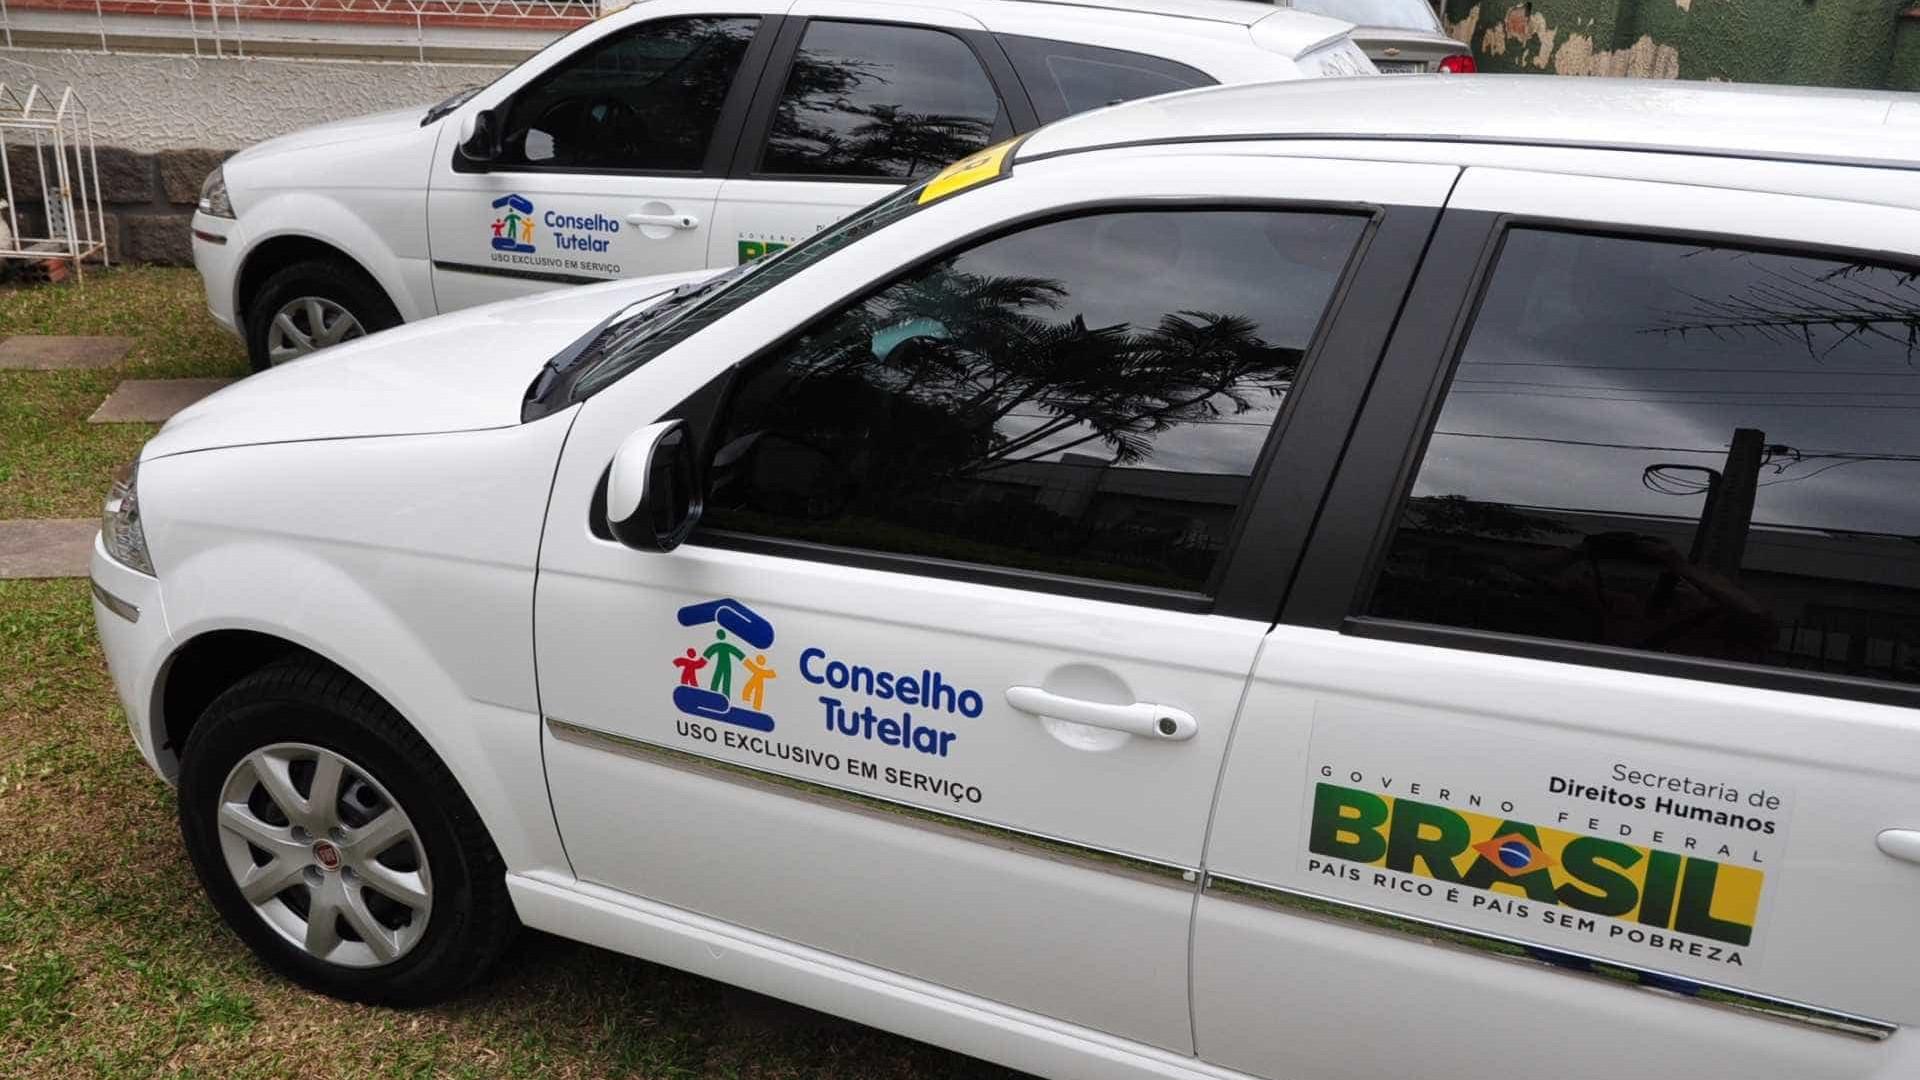 Votação para conselhos tutelares tem pequena adesão no centro do Rio